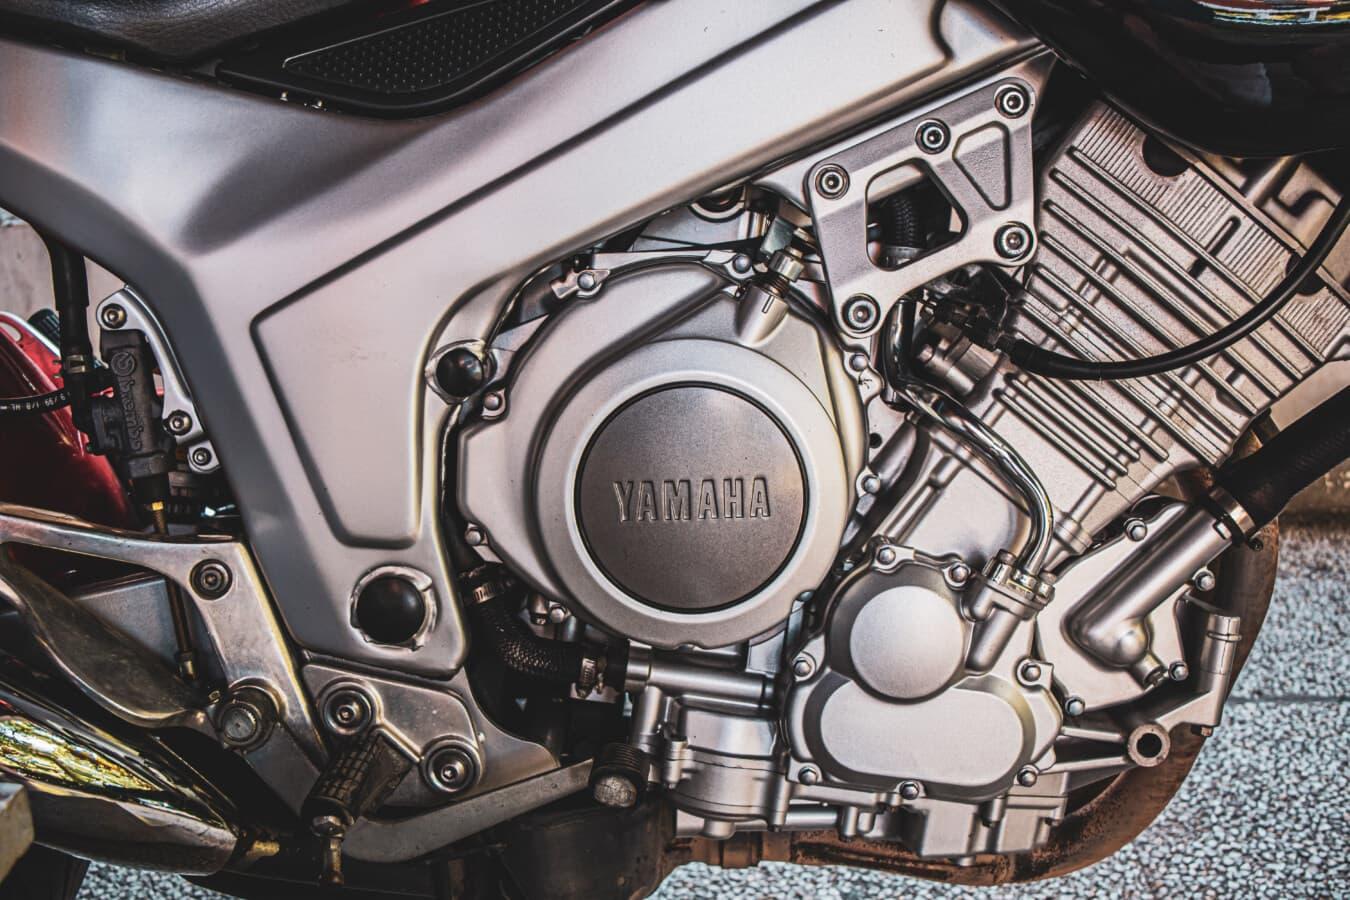 Diesel, Yamaha, Motor, Engine, Motorrad, Reparaturwerkstatt, Garage, Technologie, Laufwerk, Chrom